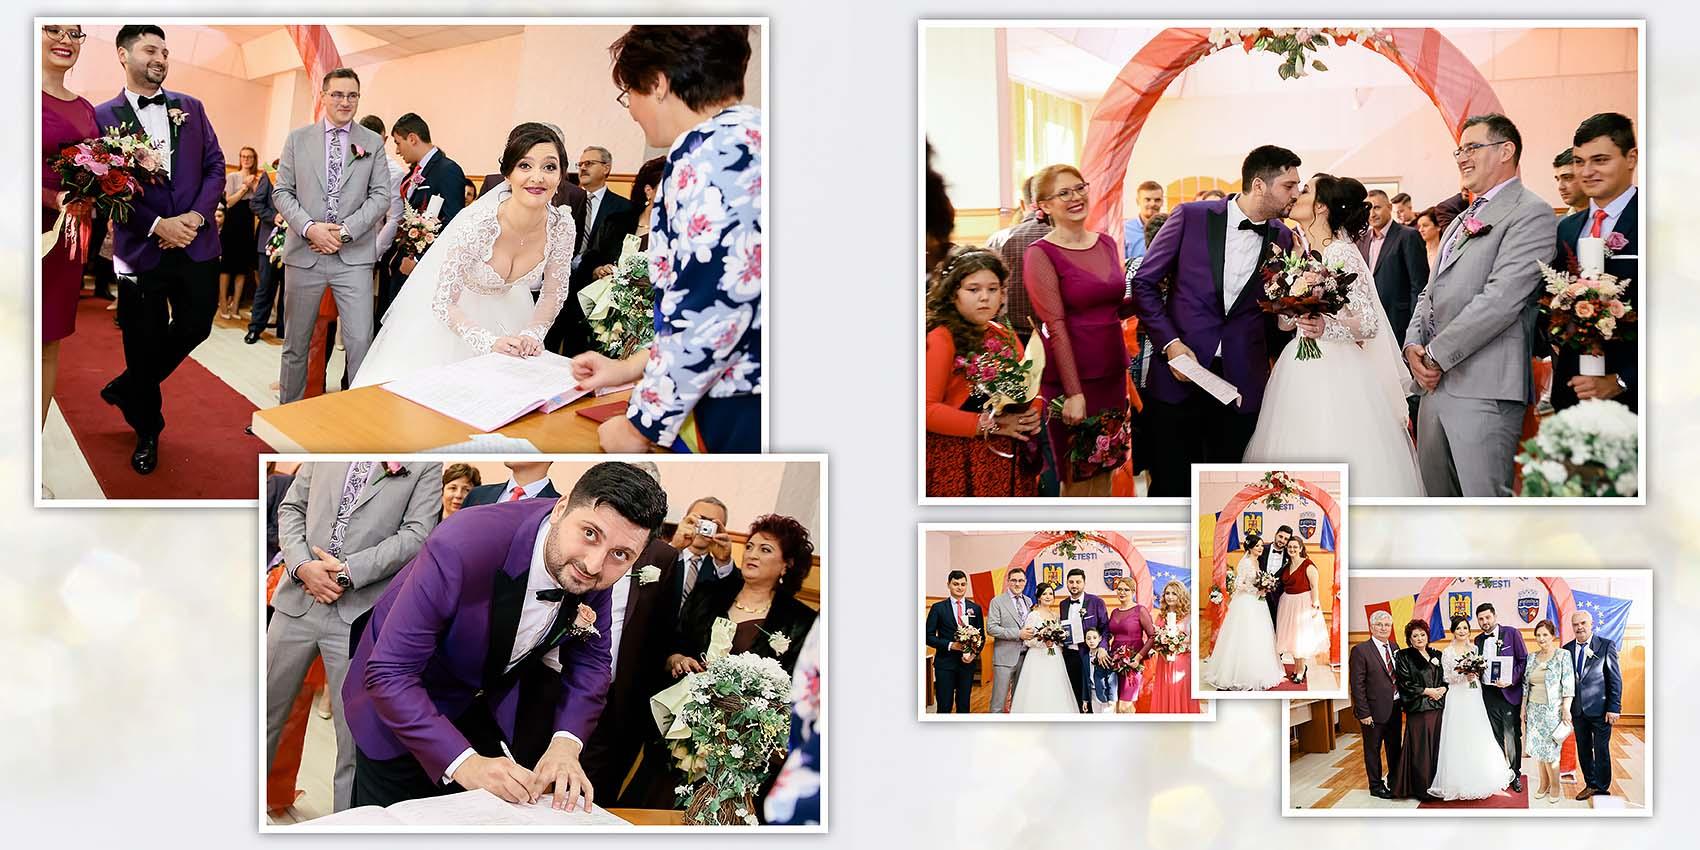 art multimedia_nunta tentea bucuresti _10